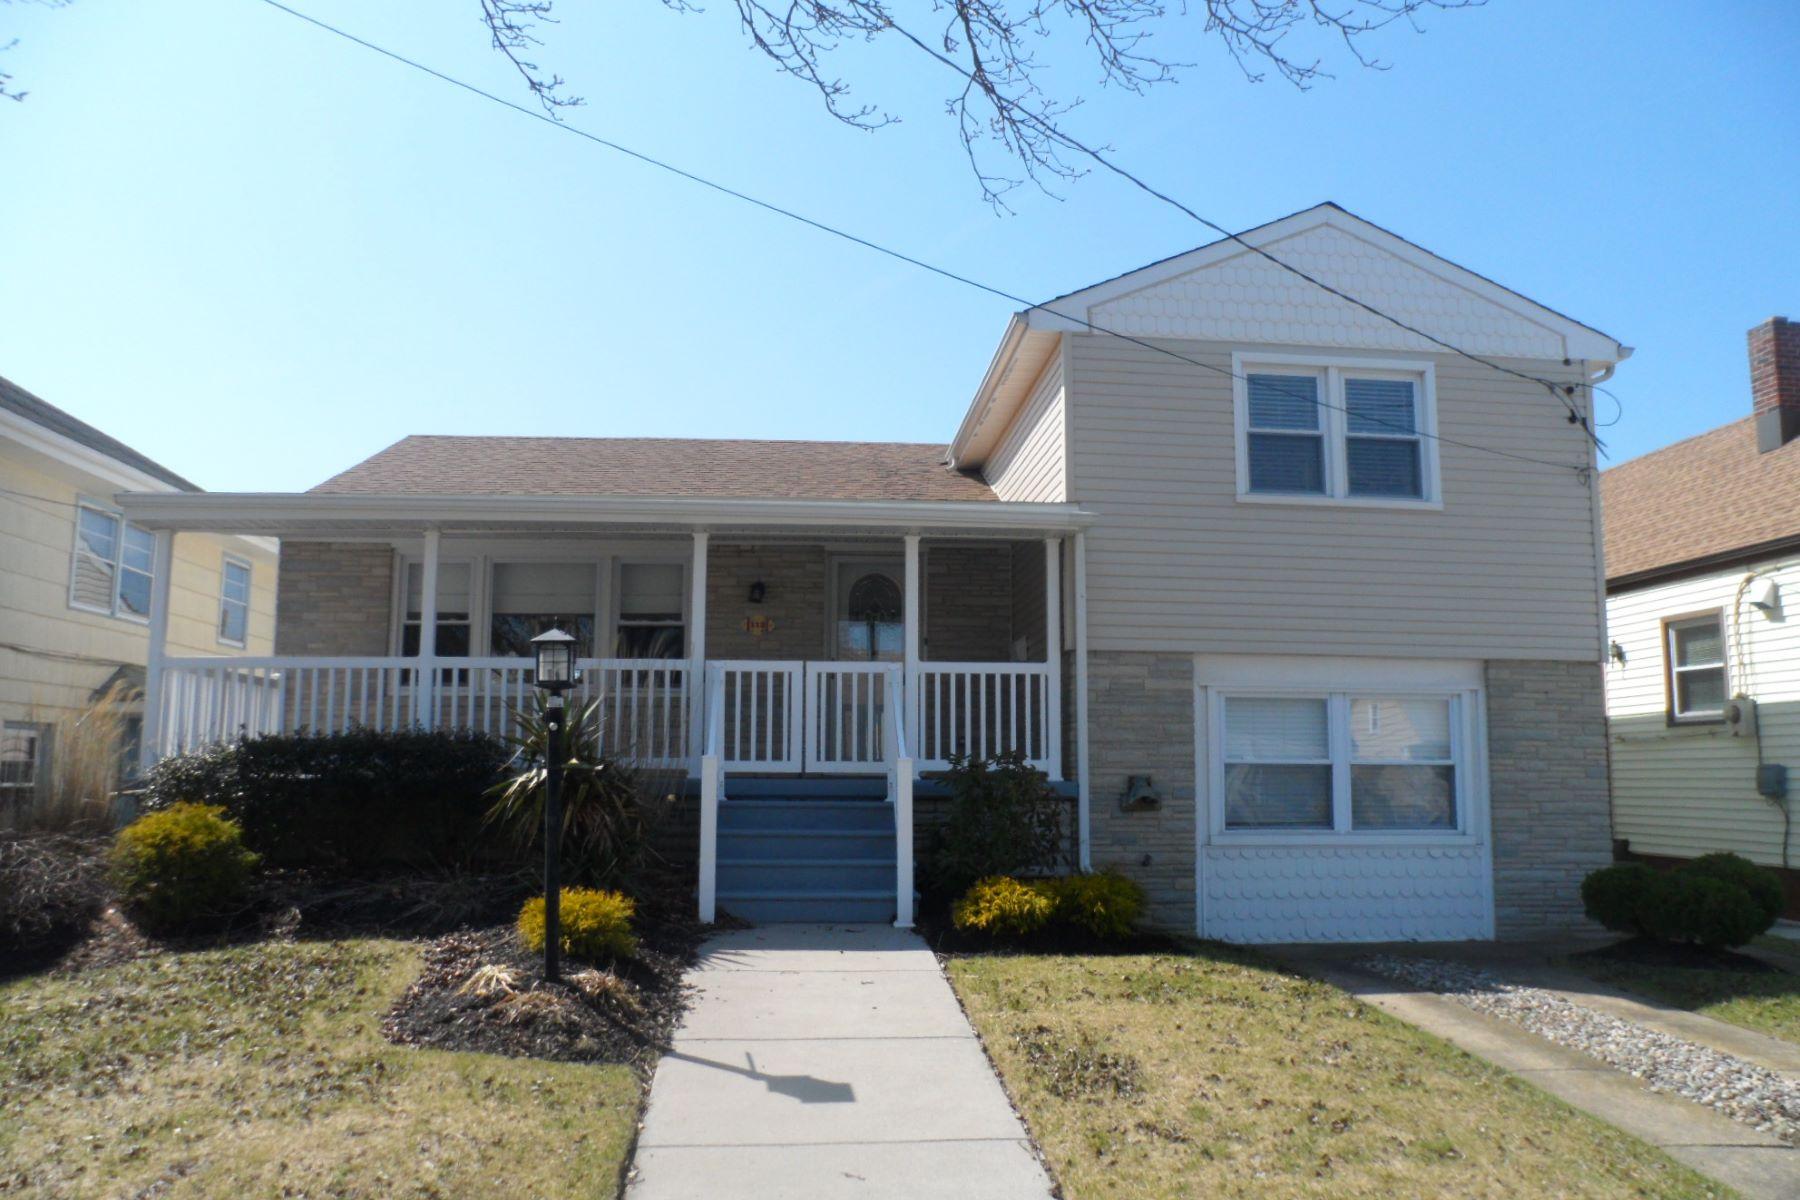 Casa Unifamiliar por un Alquiler en 112 N Jerome Ave Margate, Nueva Jersey 08402 Estados Unidos